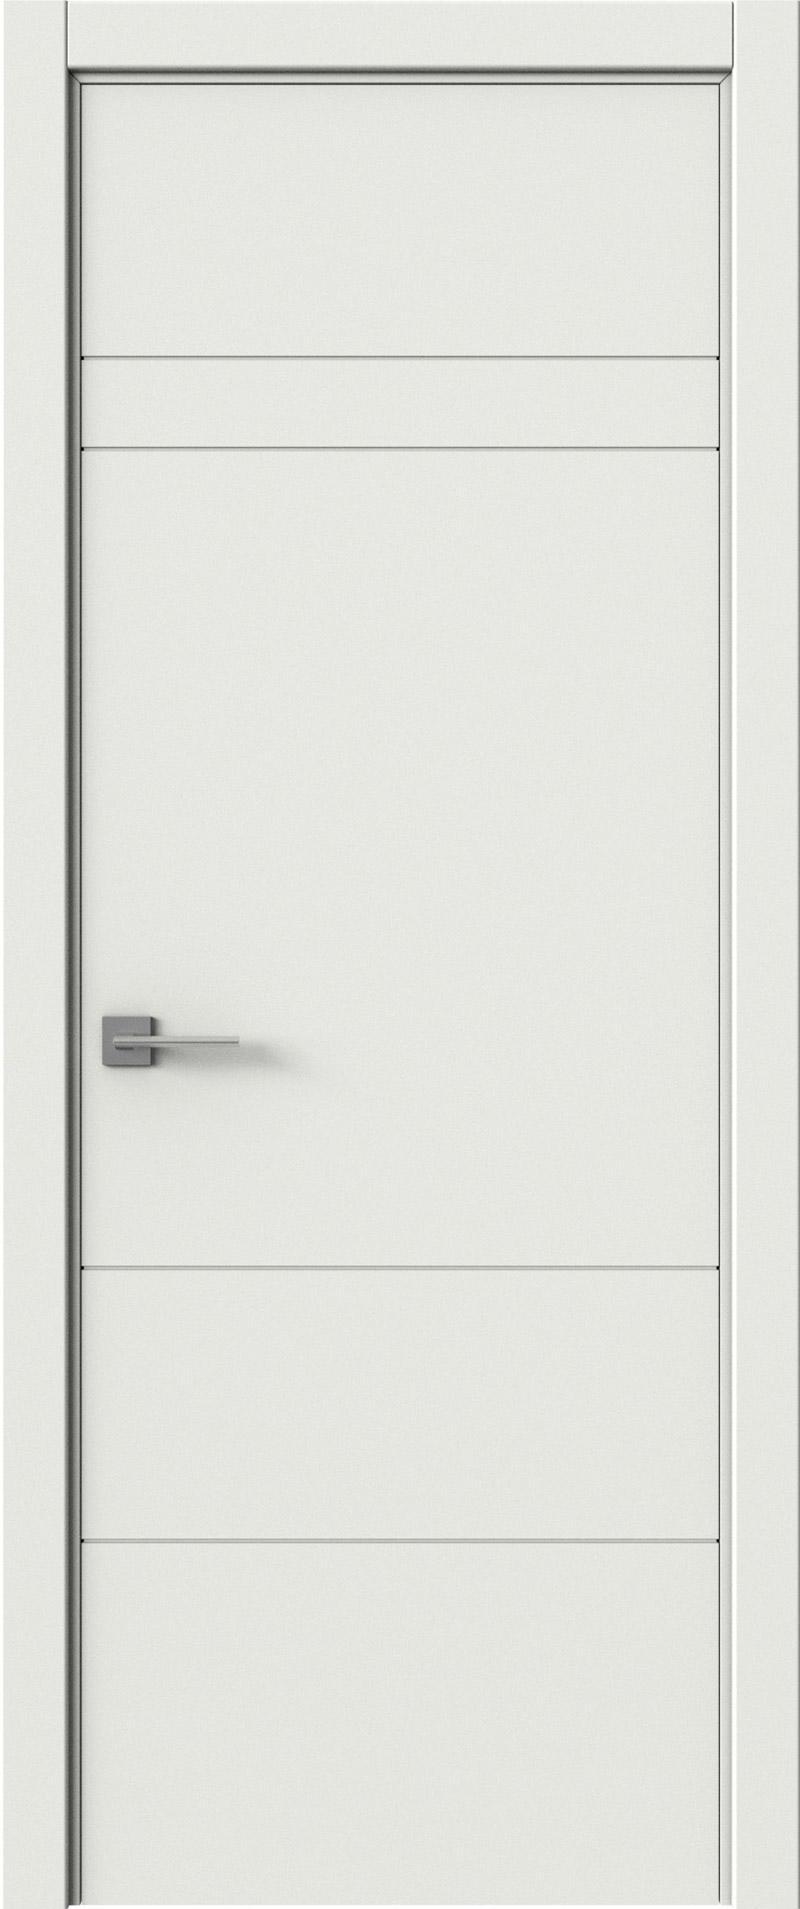 Tivoli К-2 цвет - Белая эмаль (RAL 9003) Без стекла (ДГ)